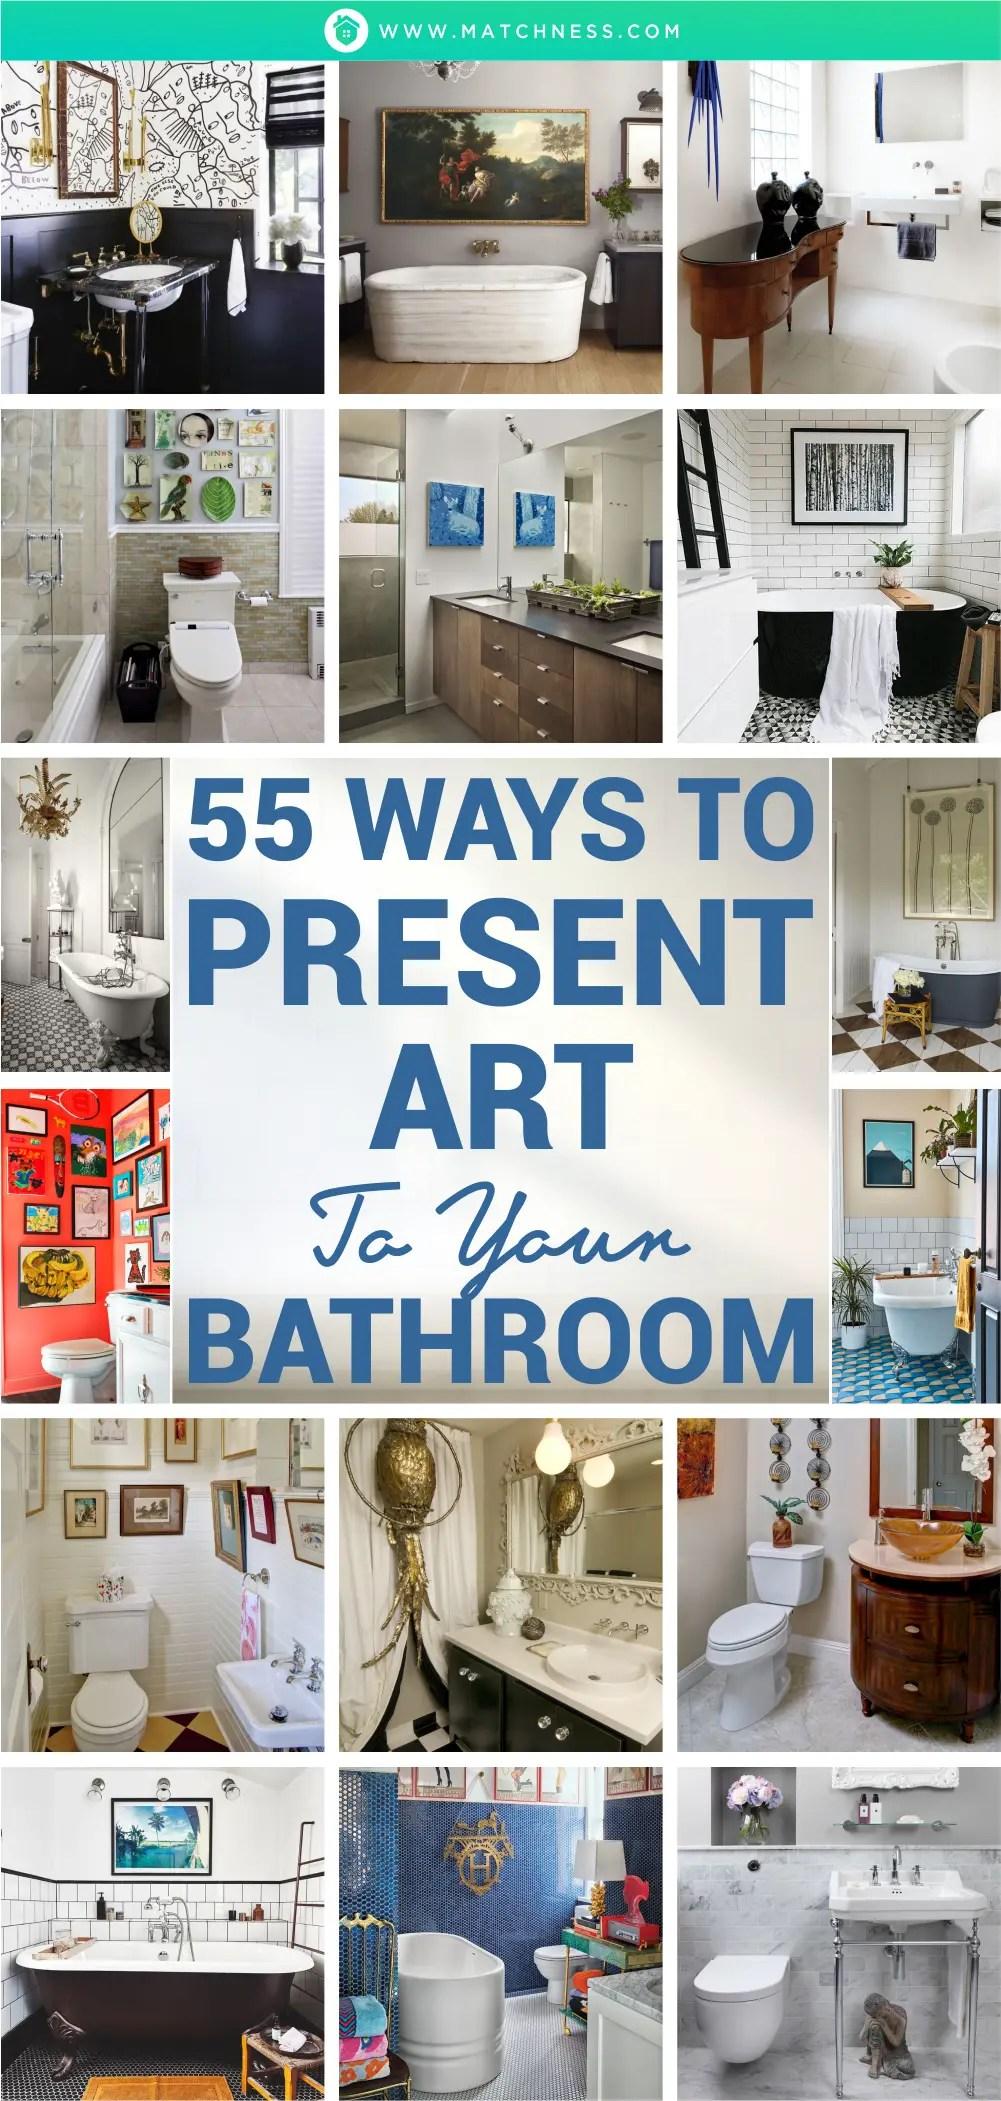 V55-Möglichkeiten-zum-Präsentieren-von-Kunst-in-Ihrem-Badezimmer1